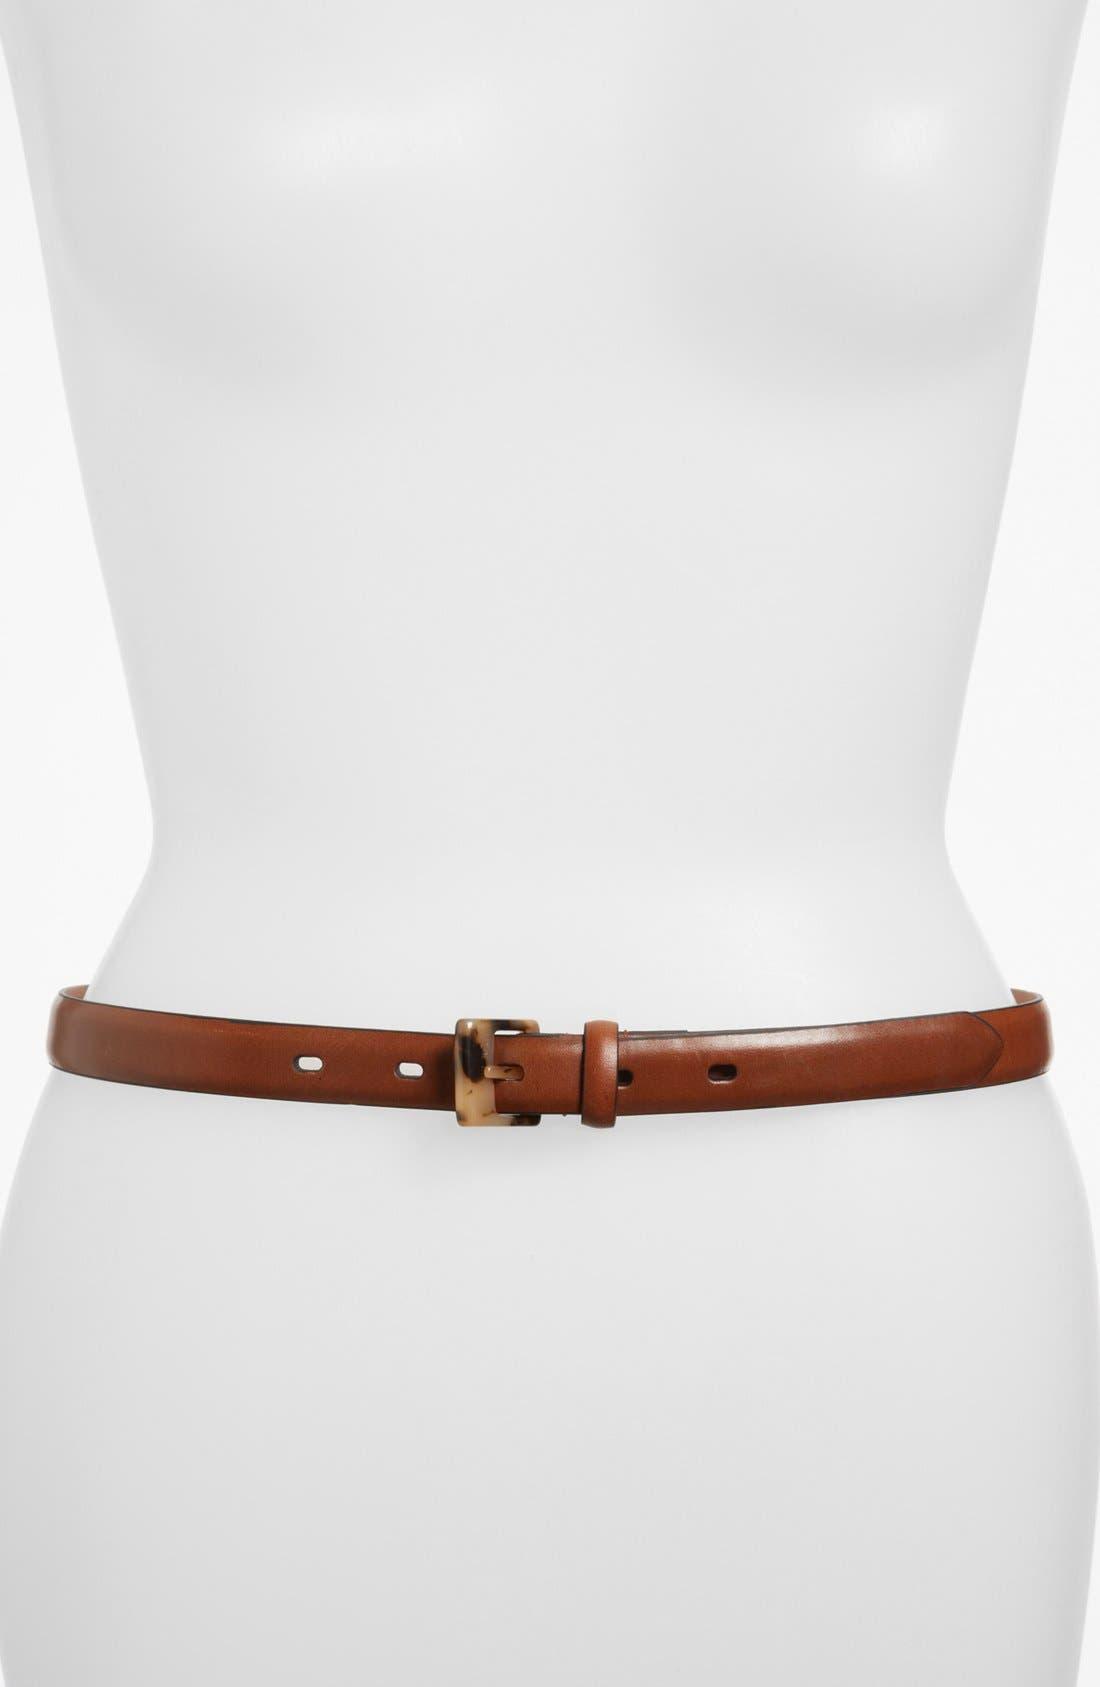 Alternate Image 1 Selected - Lauren Ralph Lauren Leather Belt (Online Only)